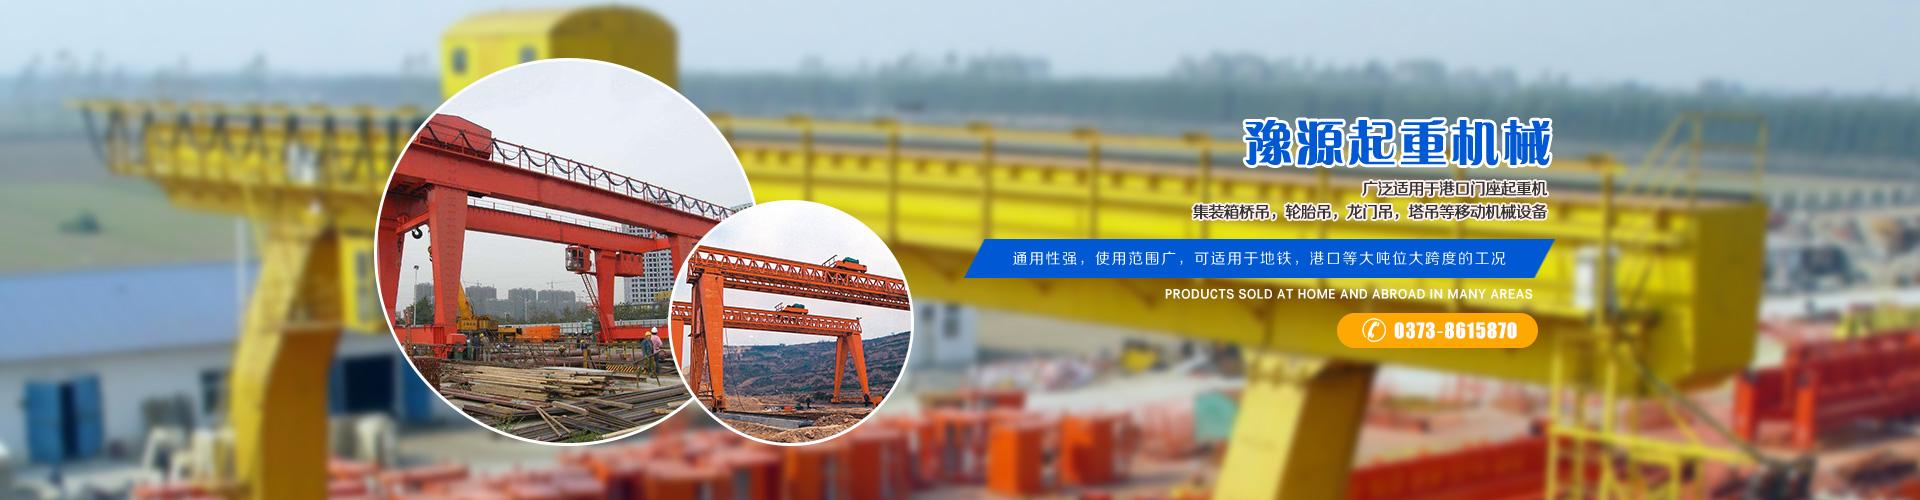 河nansheng久盛棋牌起重机械有xian公si